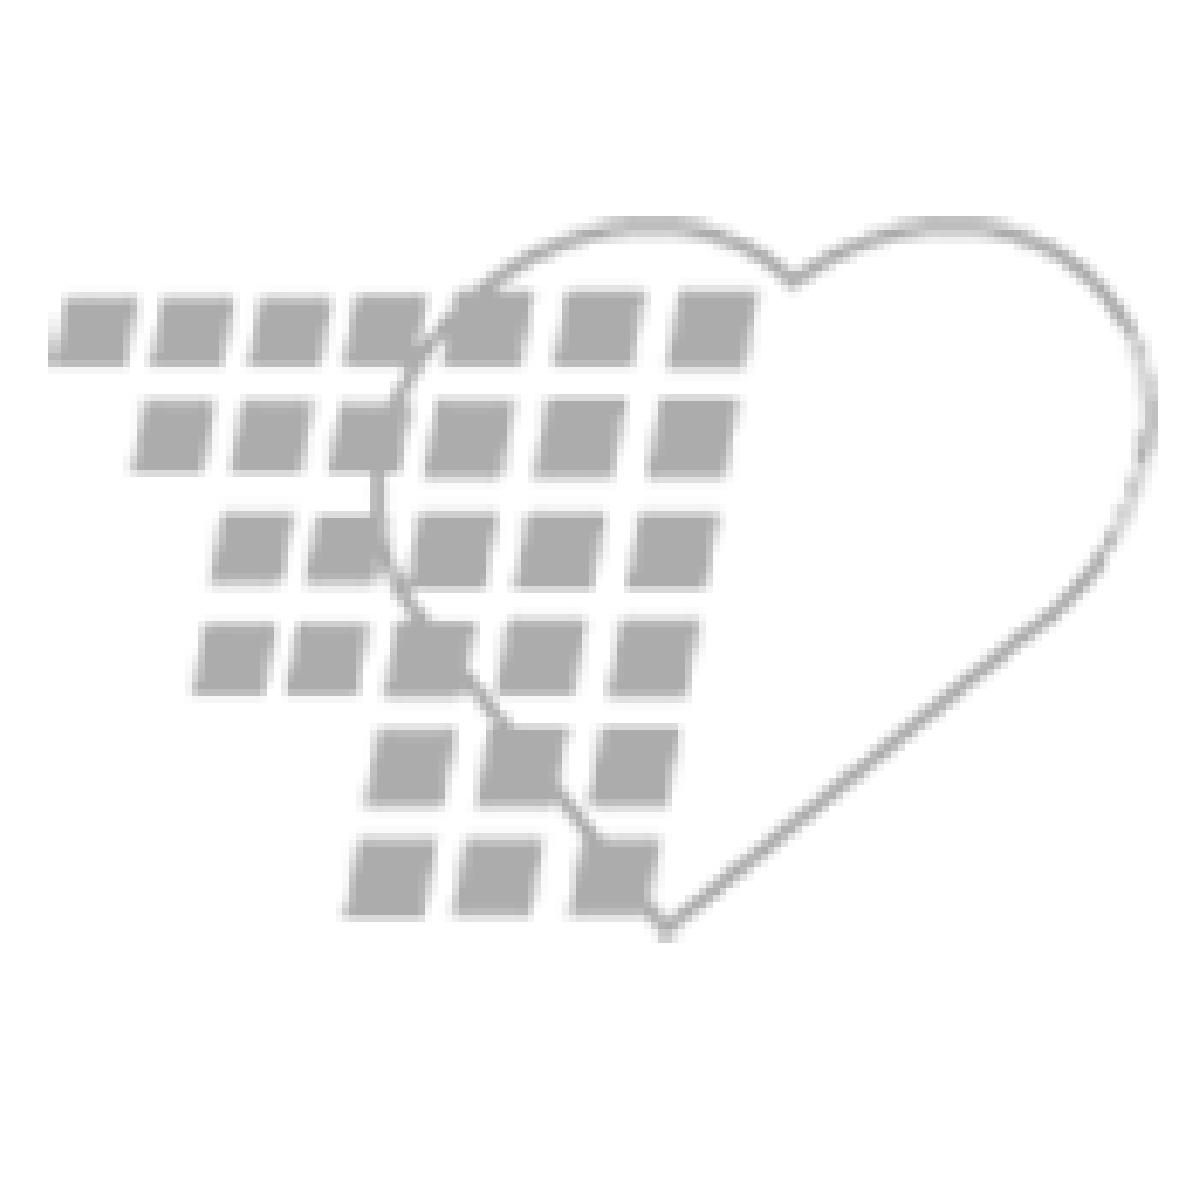 """05-84-7530 Drape Sheet 2 Ply 40"""" x 48"""" - White,"""